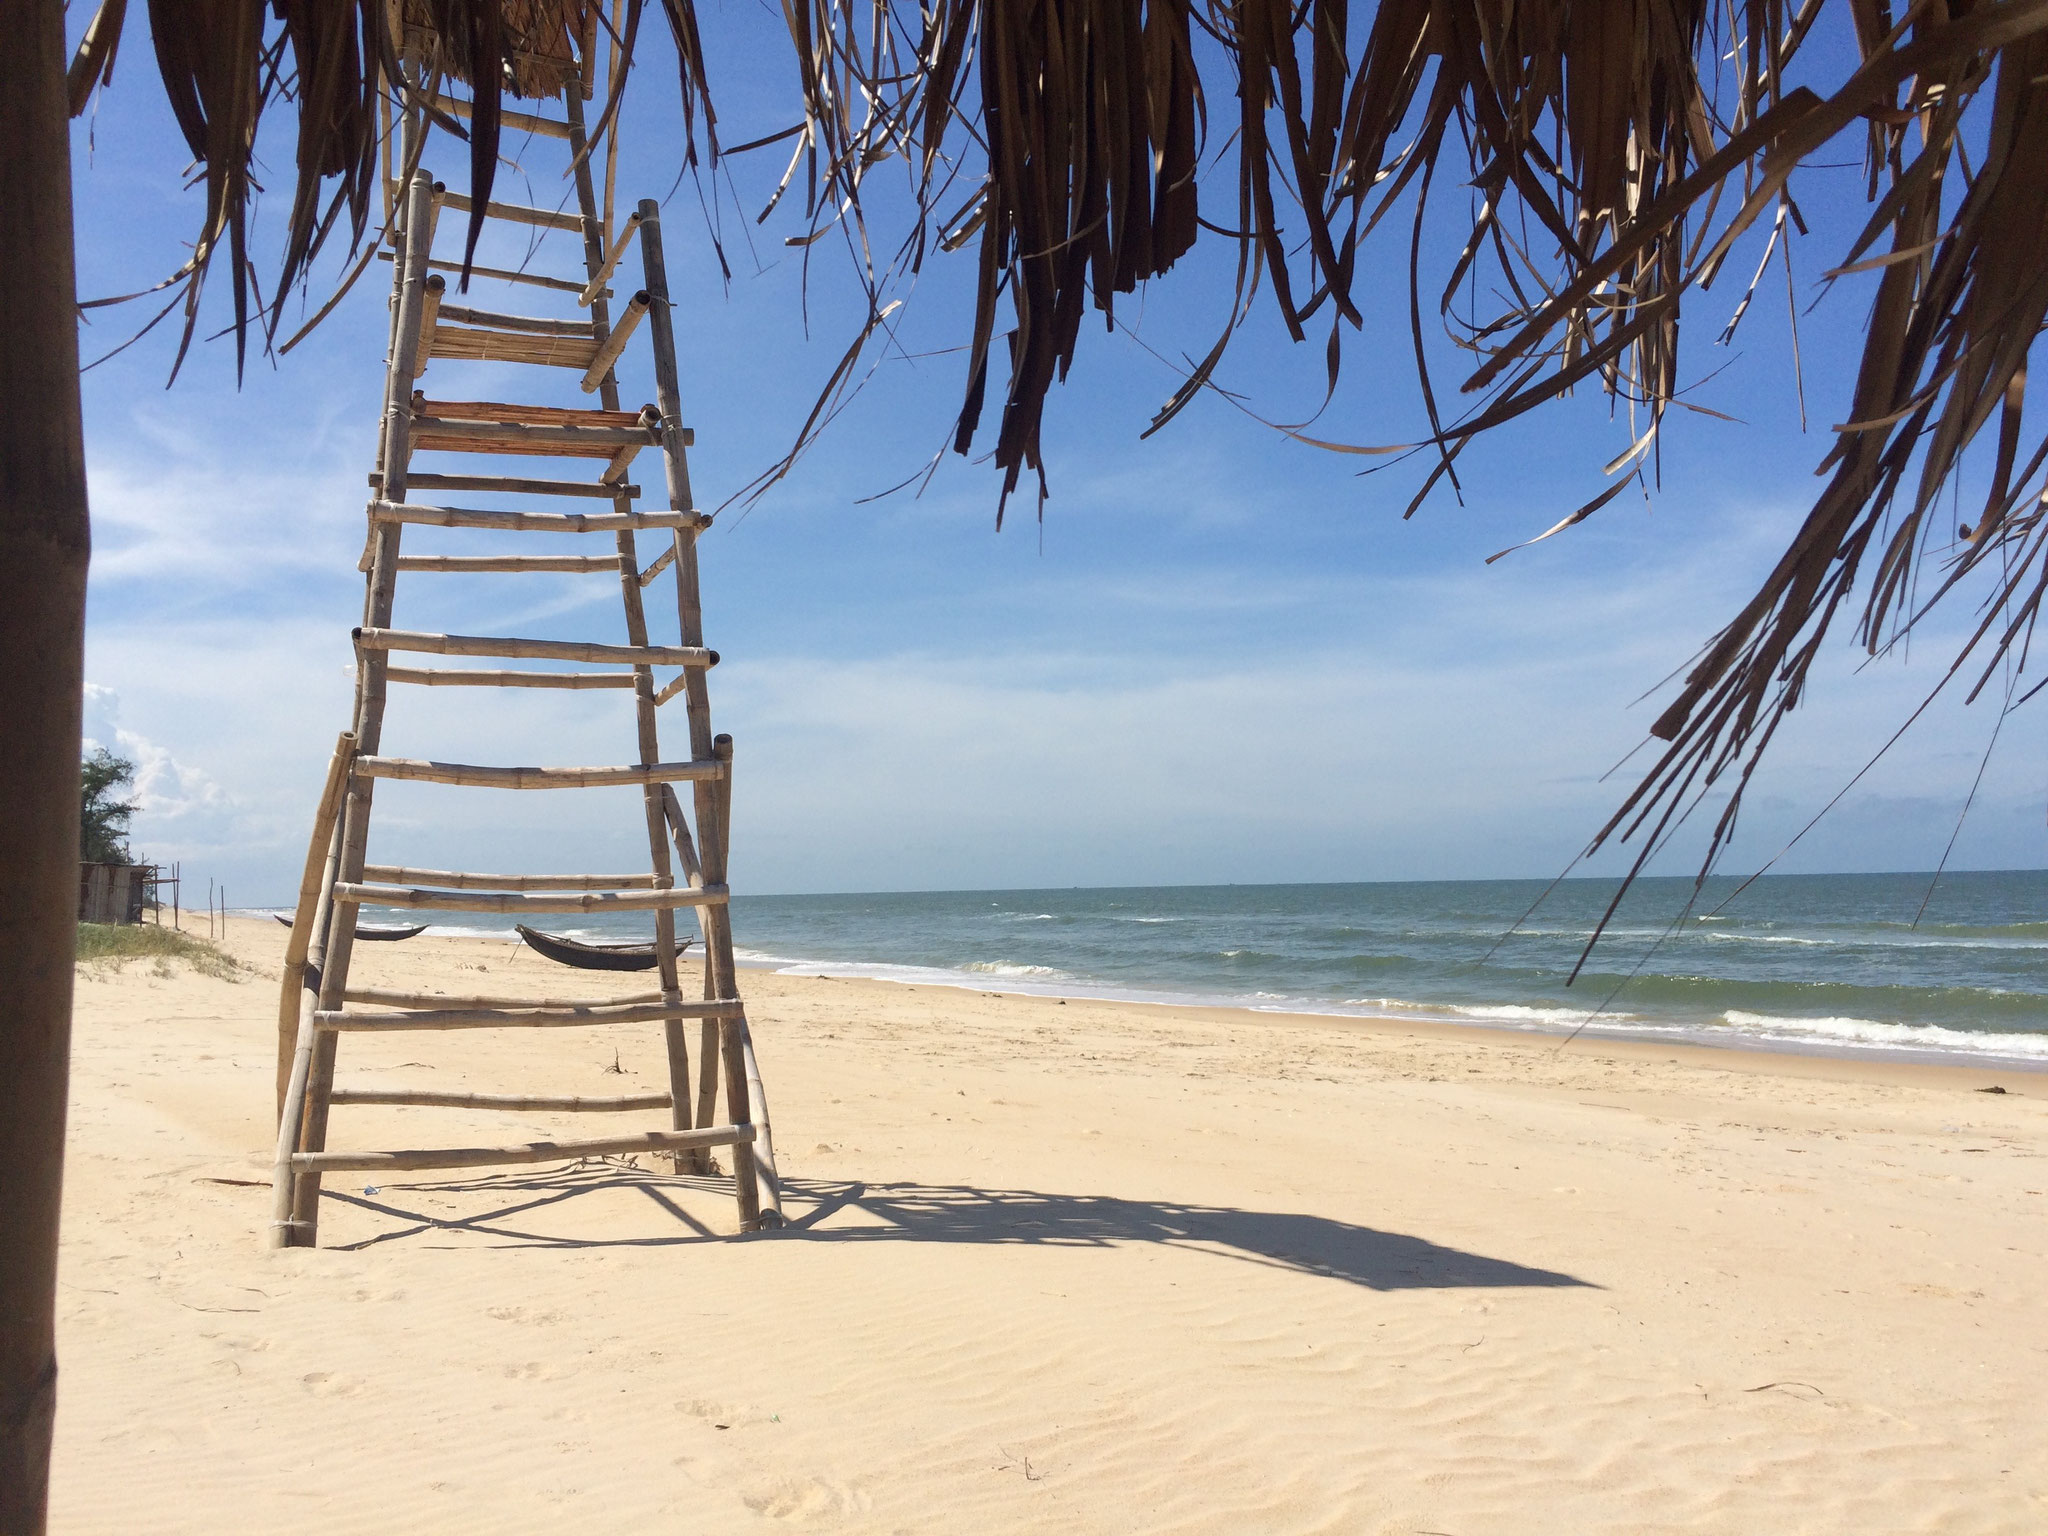 Hue Beach